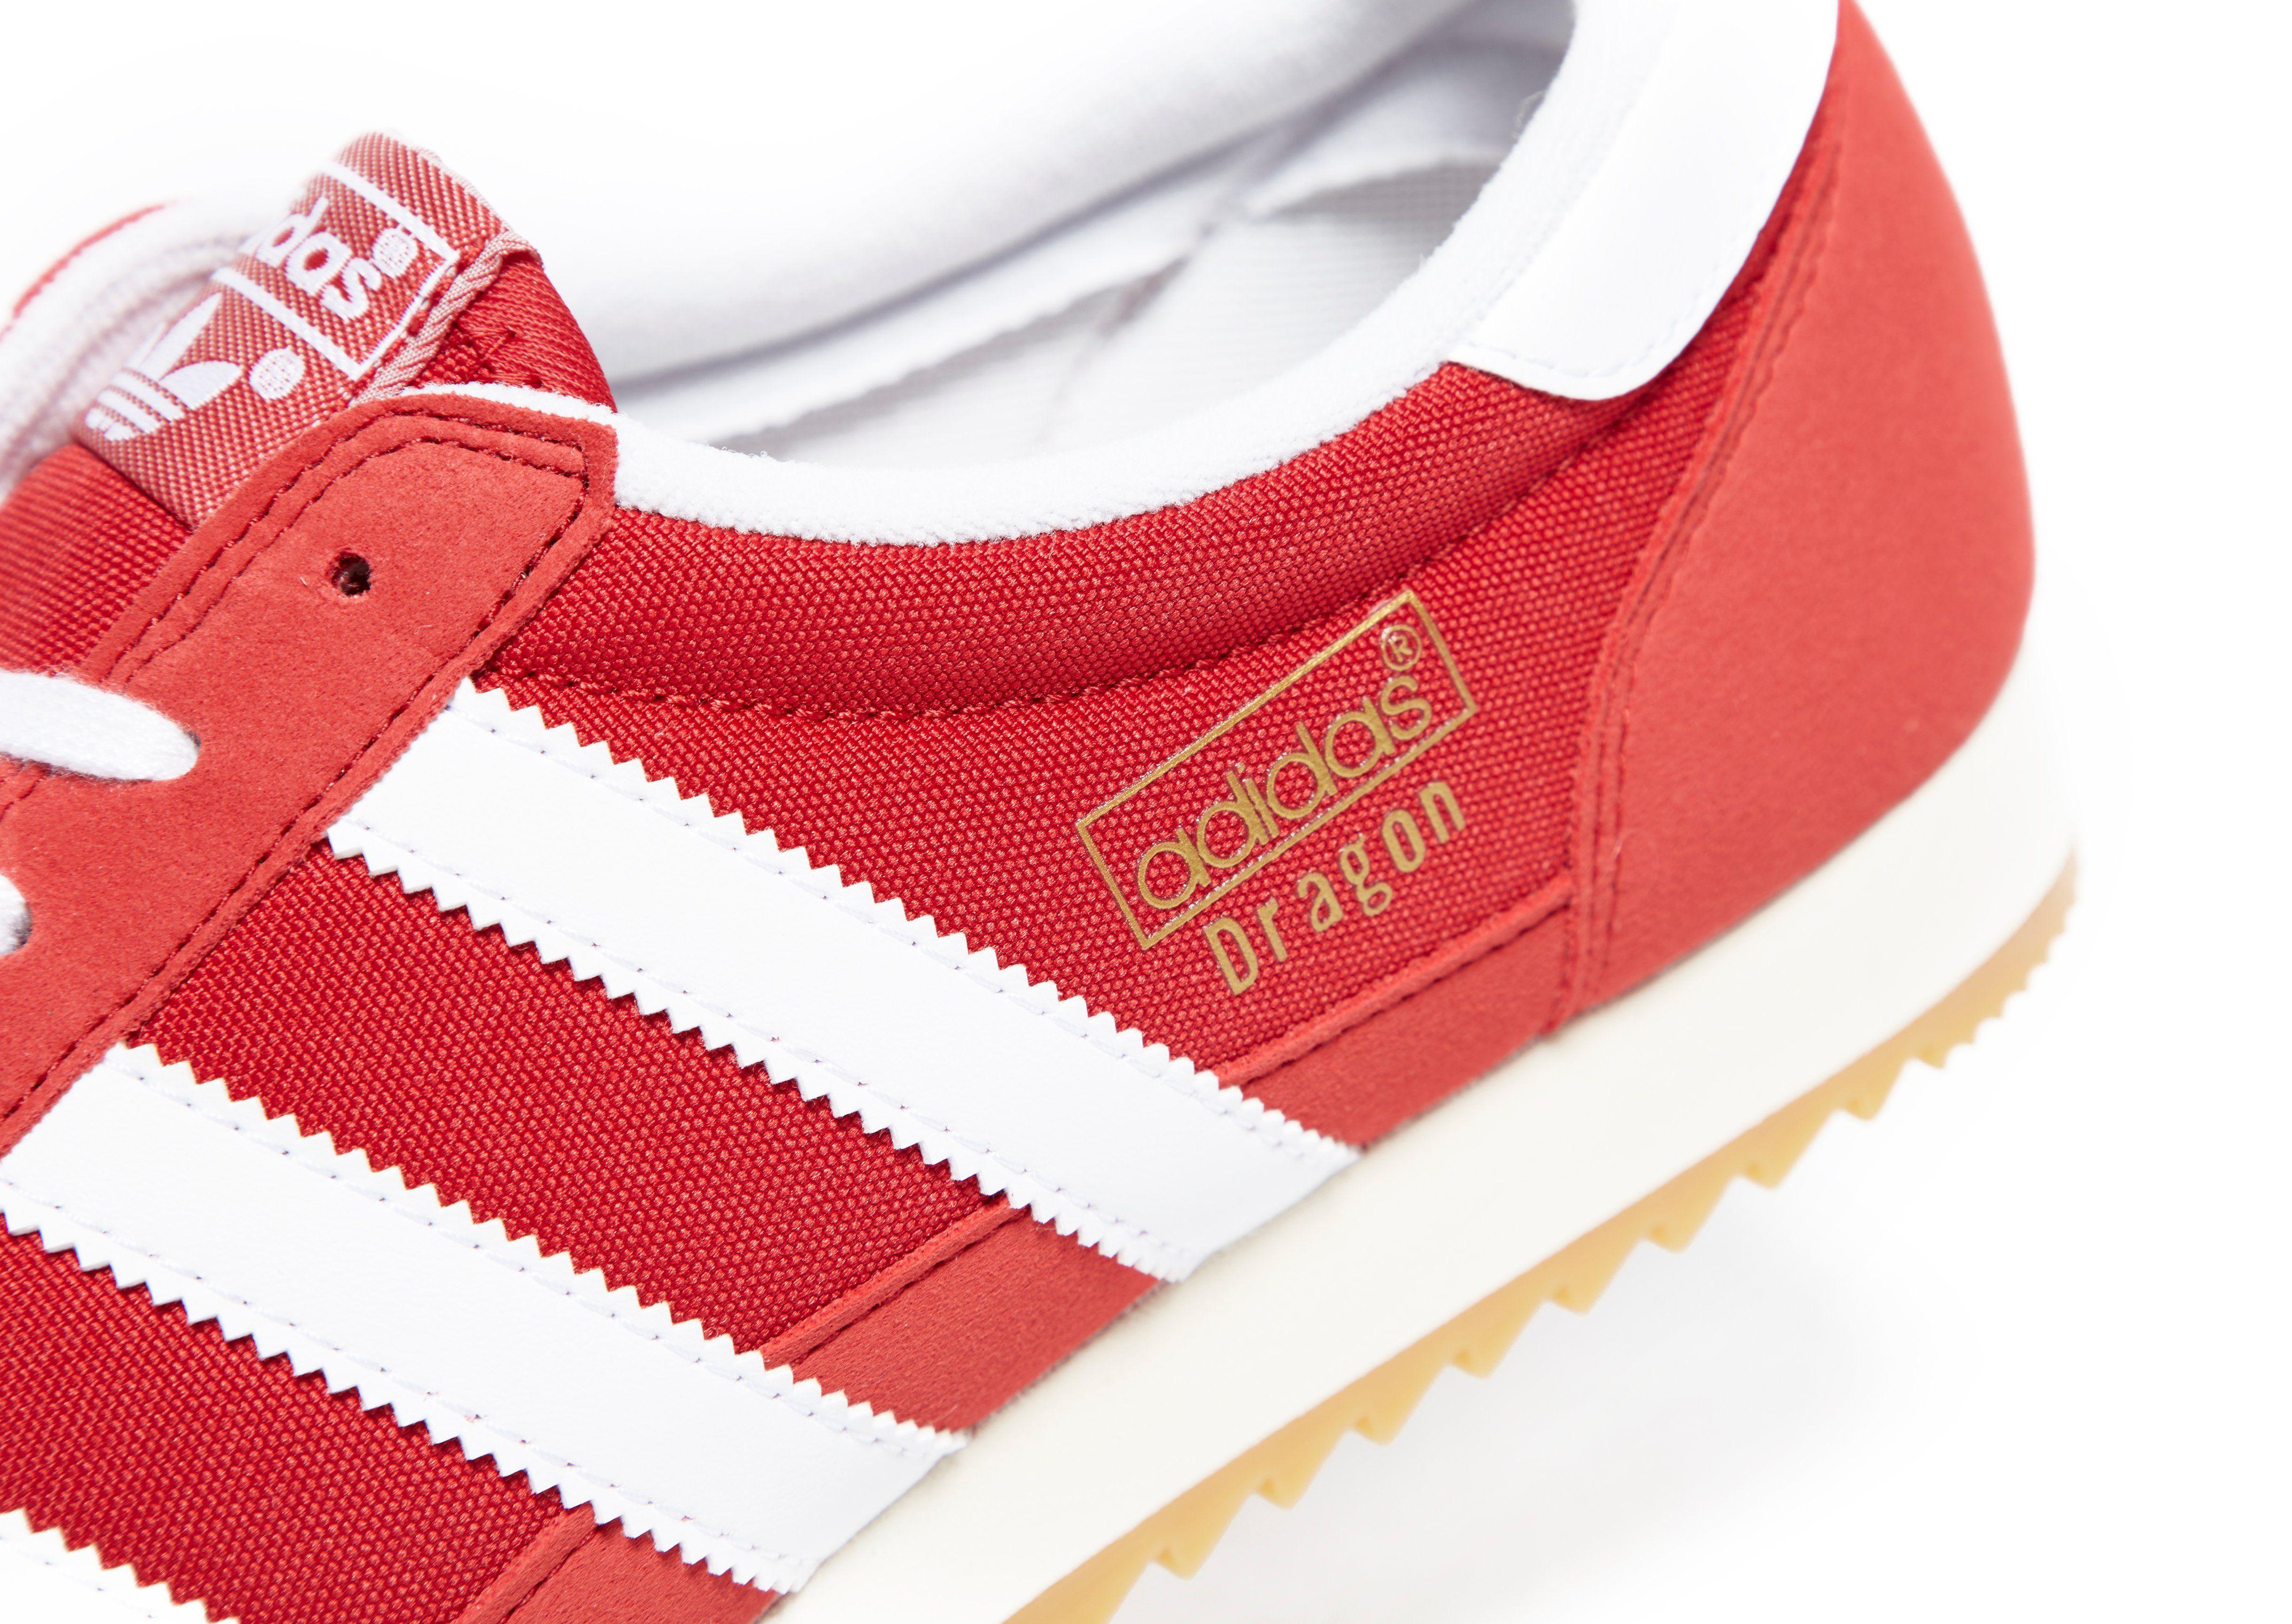 Freies Verschiffen Gutes Verkauf Schlussverkauf adidas Originals Dragon Rot Preiswerte Art Und Stil UwjgILmxN5